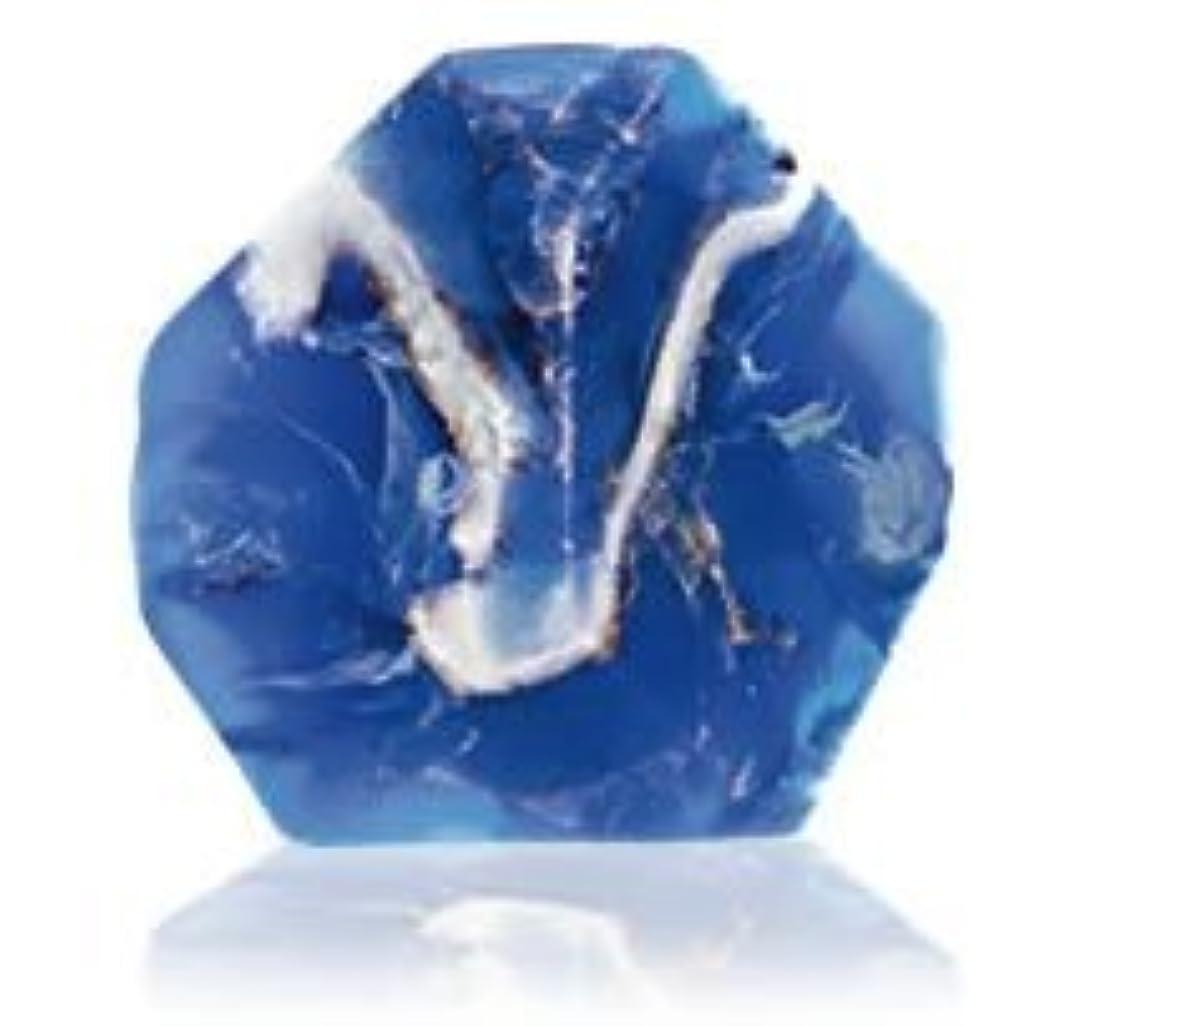 過敏なジャグリングフリンジSavons Gemme サボンジェム 世界で一番美しい宝石石鹸 フレグランスソープ ラピスラズリ 170g